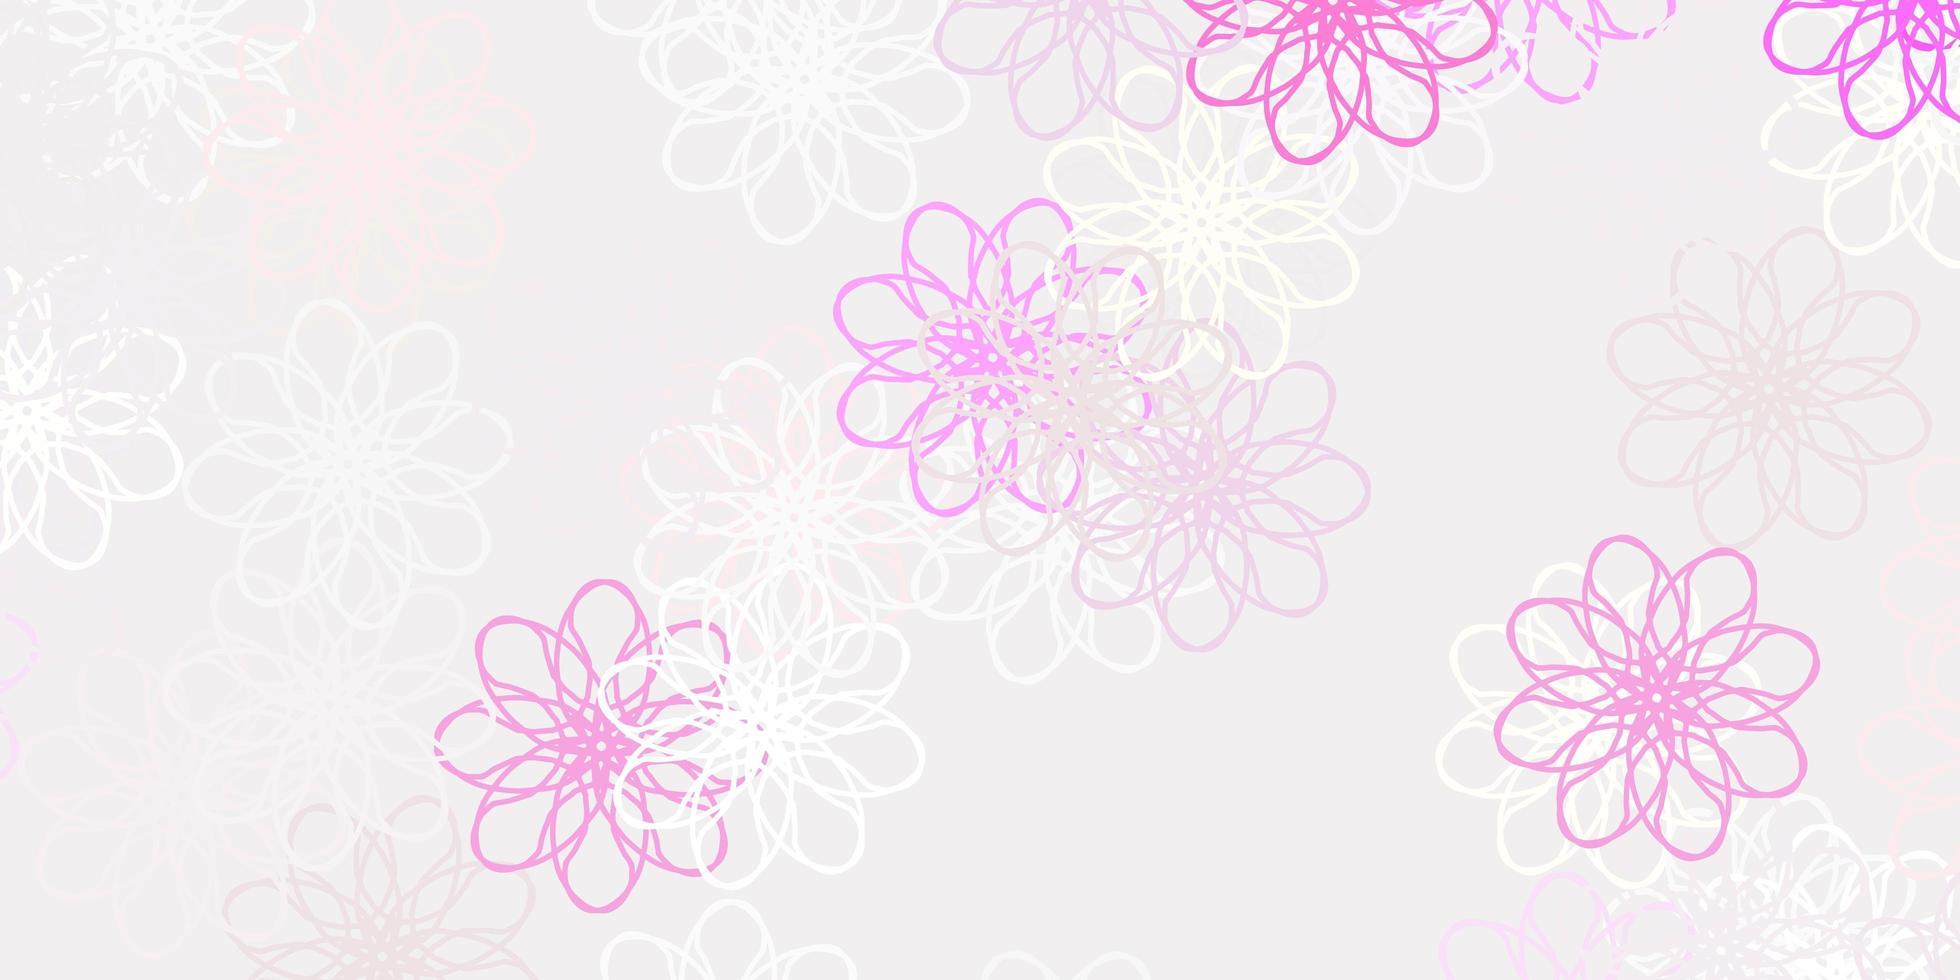 arte natural do vetor rosa claro com flores.